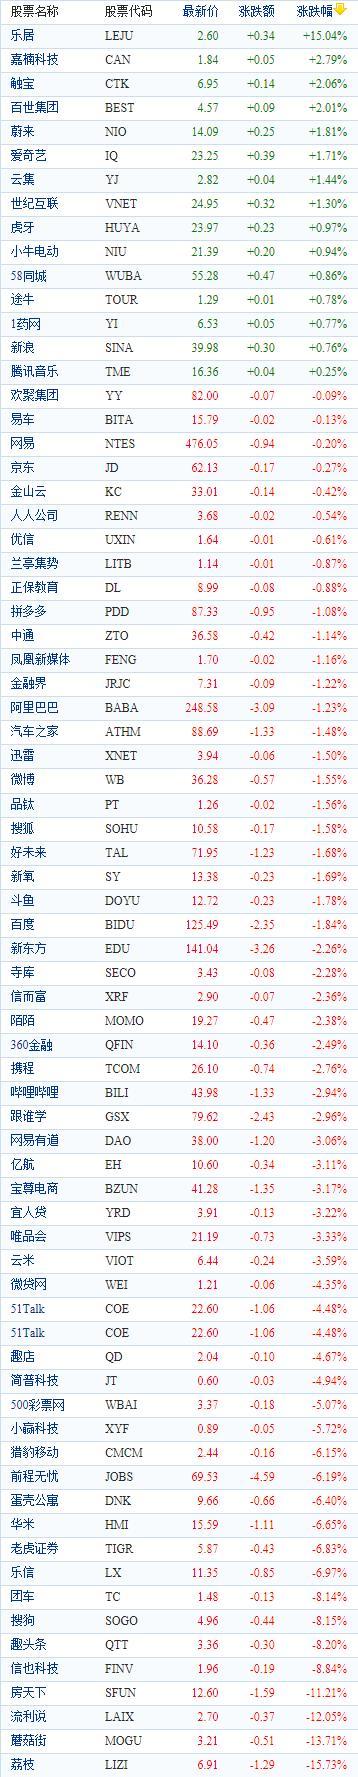 中国概念股周二收盘多数下跌 荔枝重挫近16%